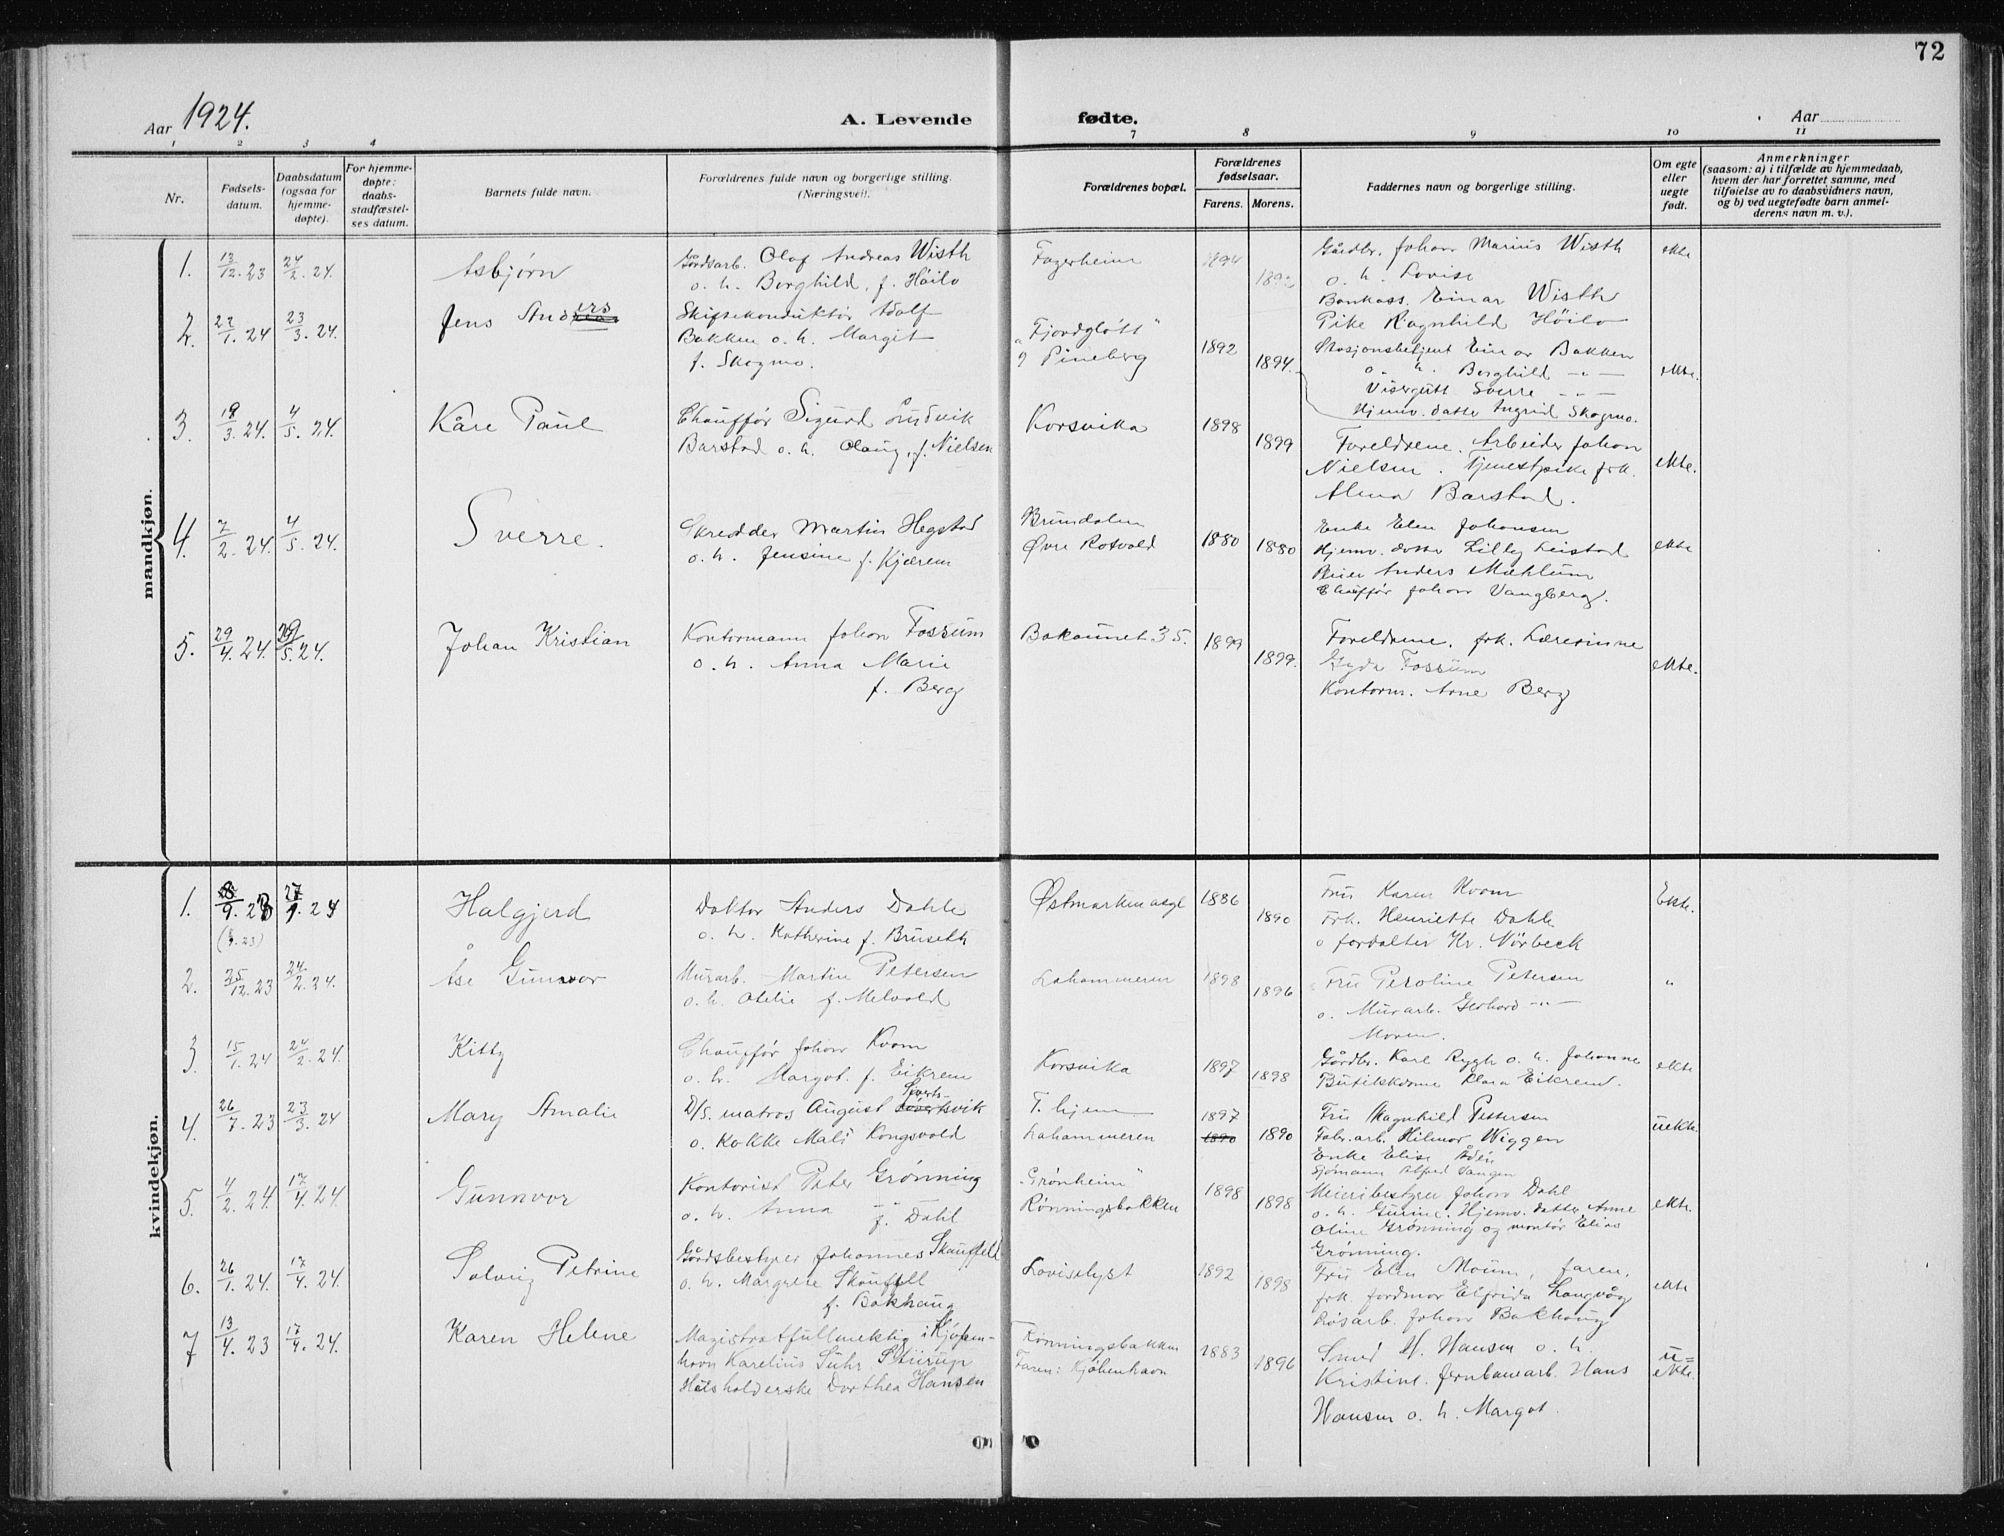 SAT, Ministerialprotokoller, klokkerbøker og fødselsregistre - Sør-Trøndelag, 606/L0314: Klokkerbok nr. 606C10, 1911-1937, s. 72